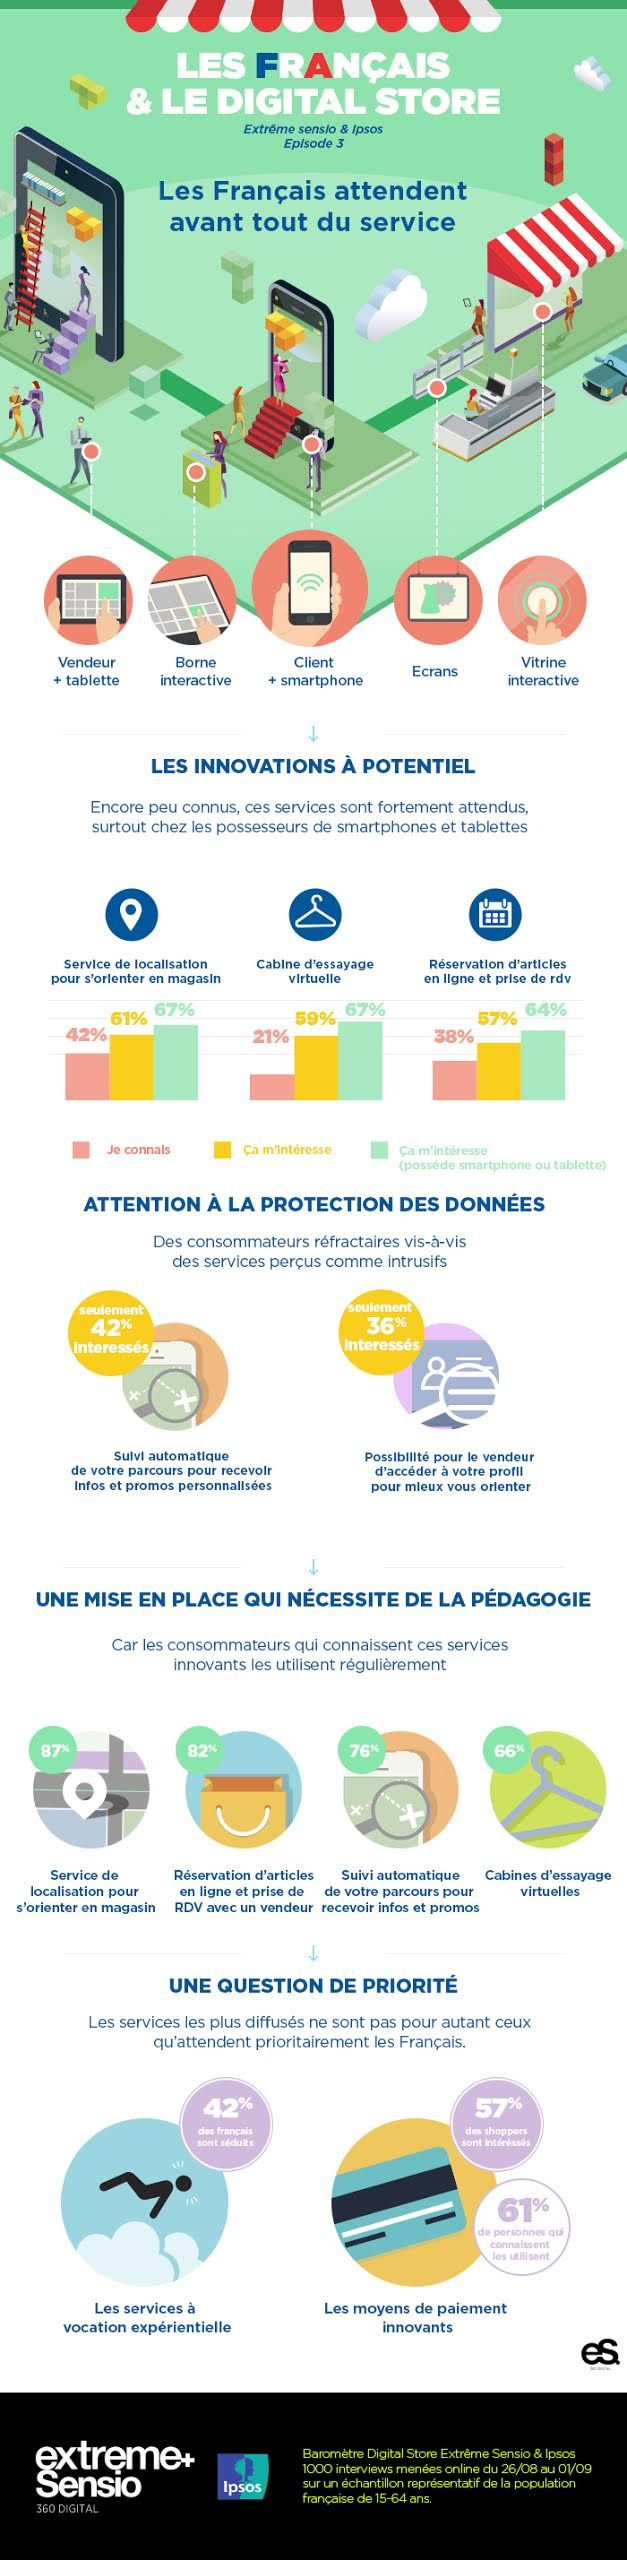 Magasins connectés 2015 : une étude de plus qui nous confirme que les français sont prêts !  Episode 3 – Les Français attendent avant tout du service